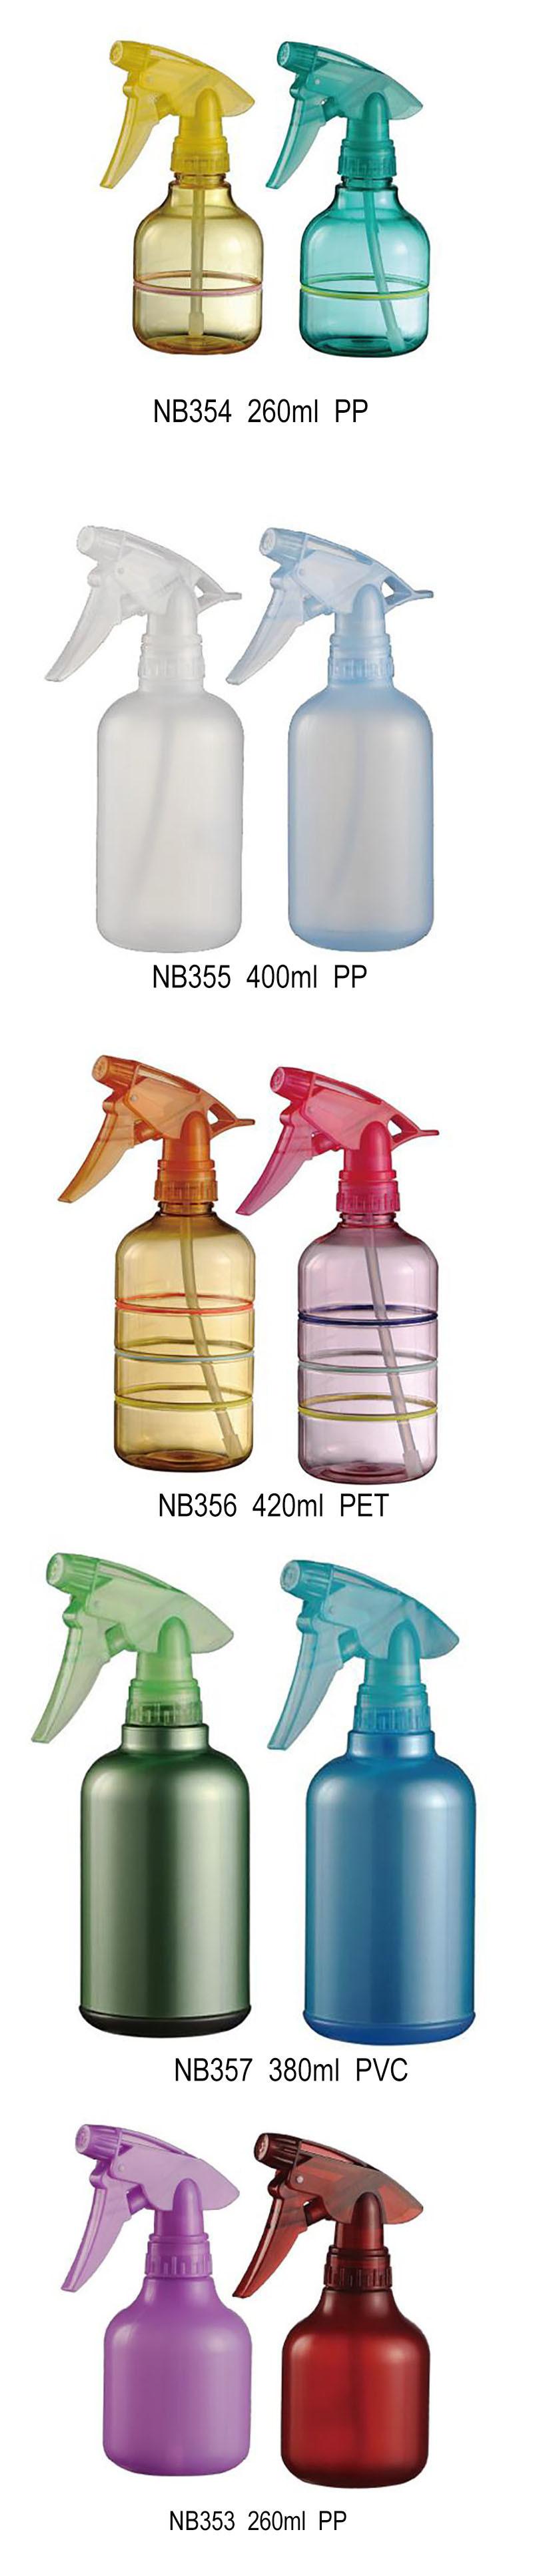 Plastic Trigger Sprayer Bottle for Garden (NB353)